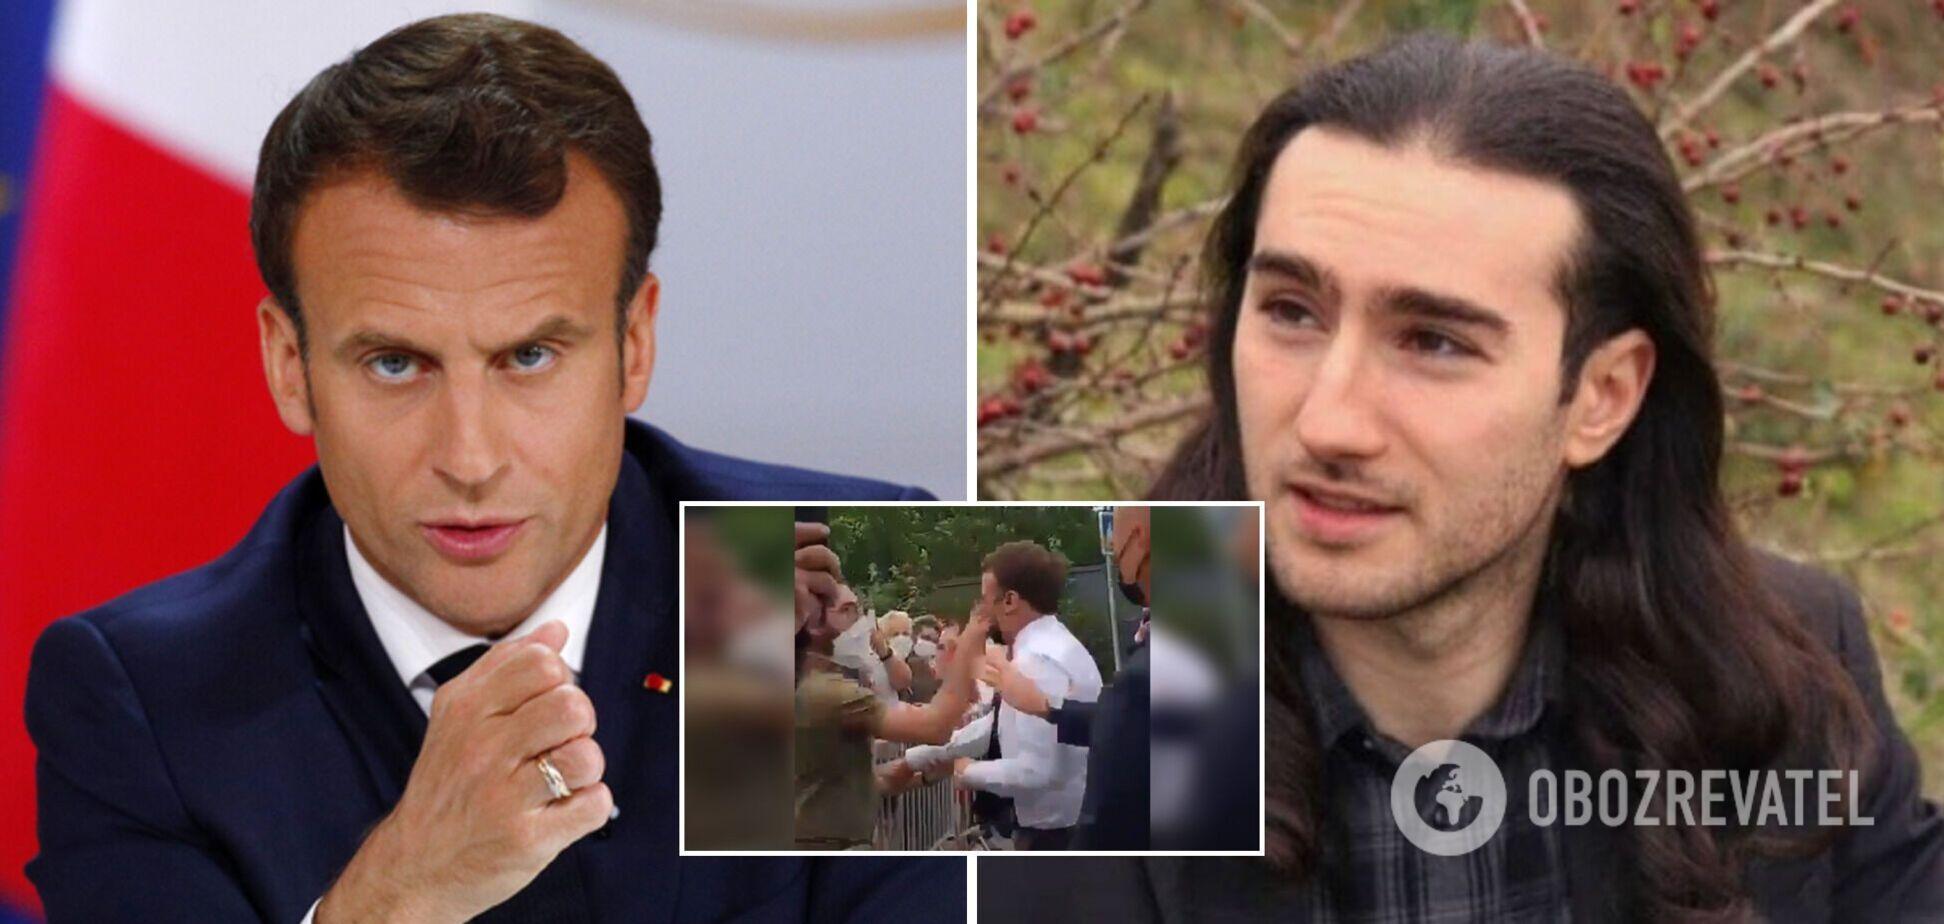 Нападник на Макрона зізнався, що хотів кинути в президента Франції яйцем: суд оголосив вирок